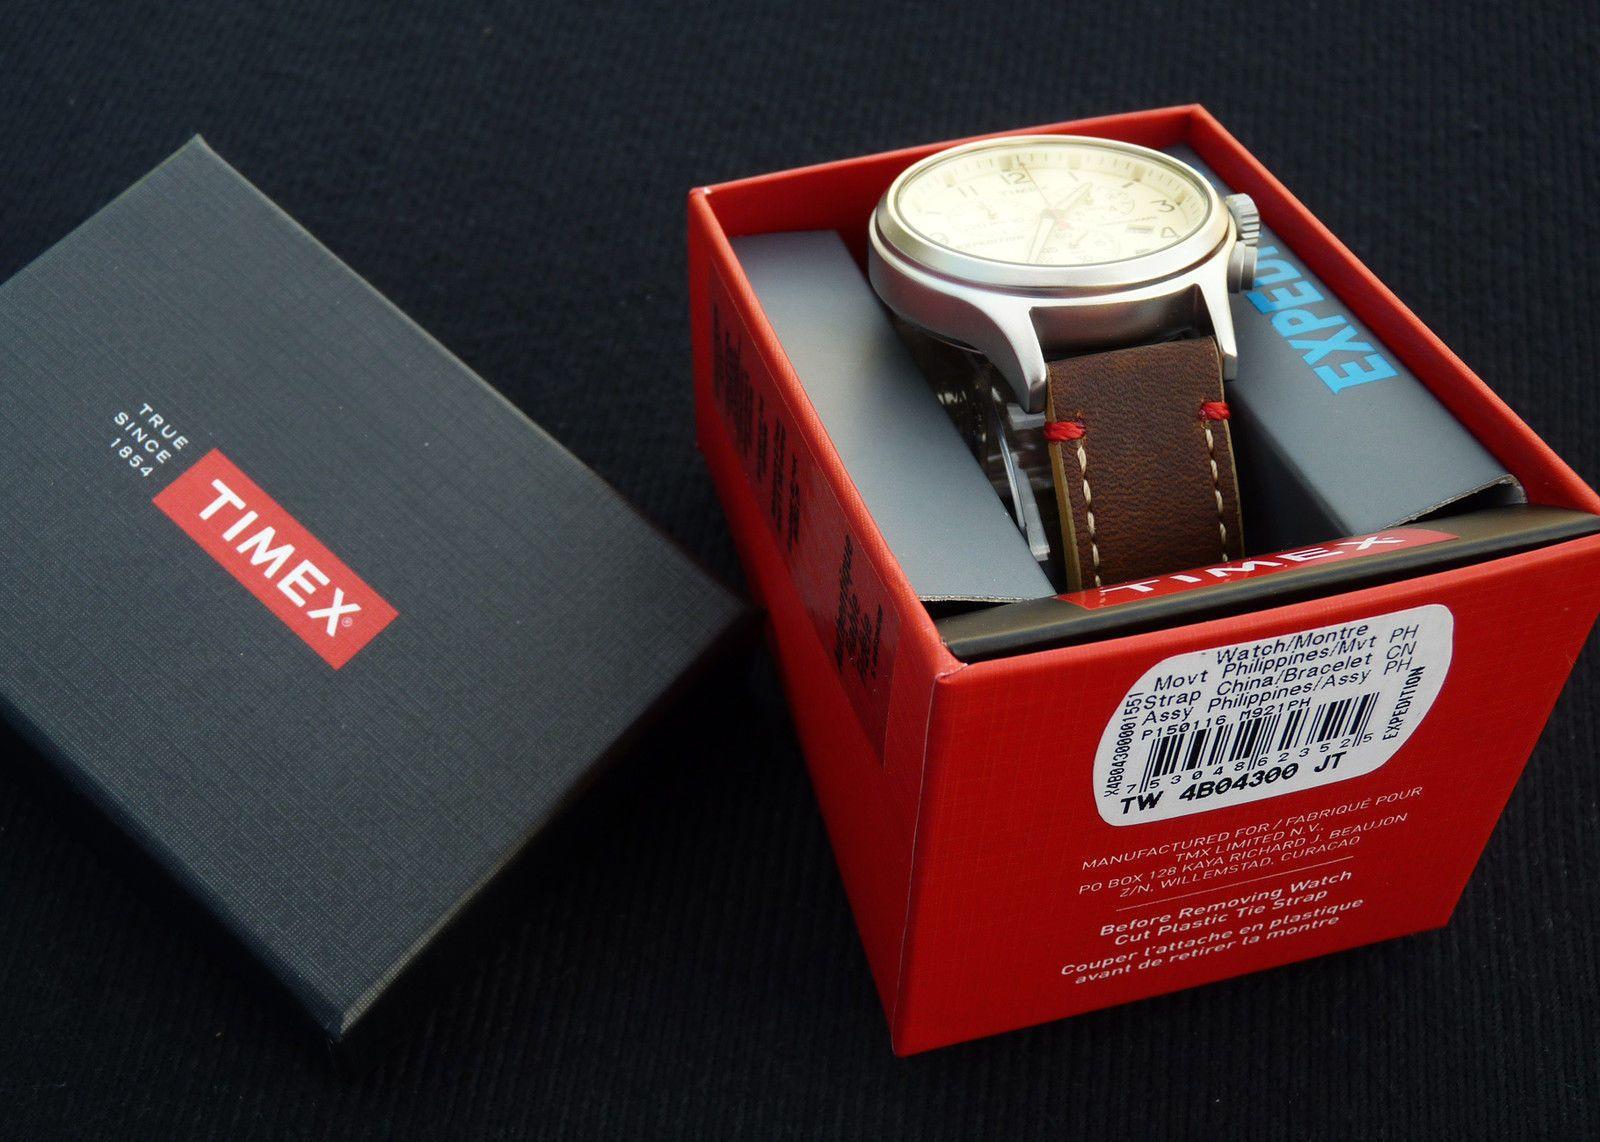 Hộp đựng đồng hồ Timex sang trọng, lịch sự